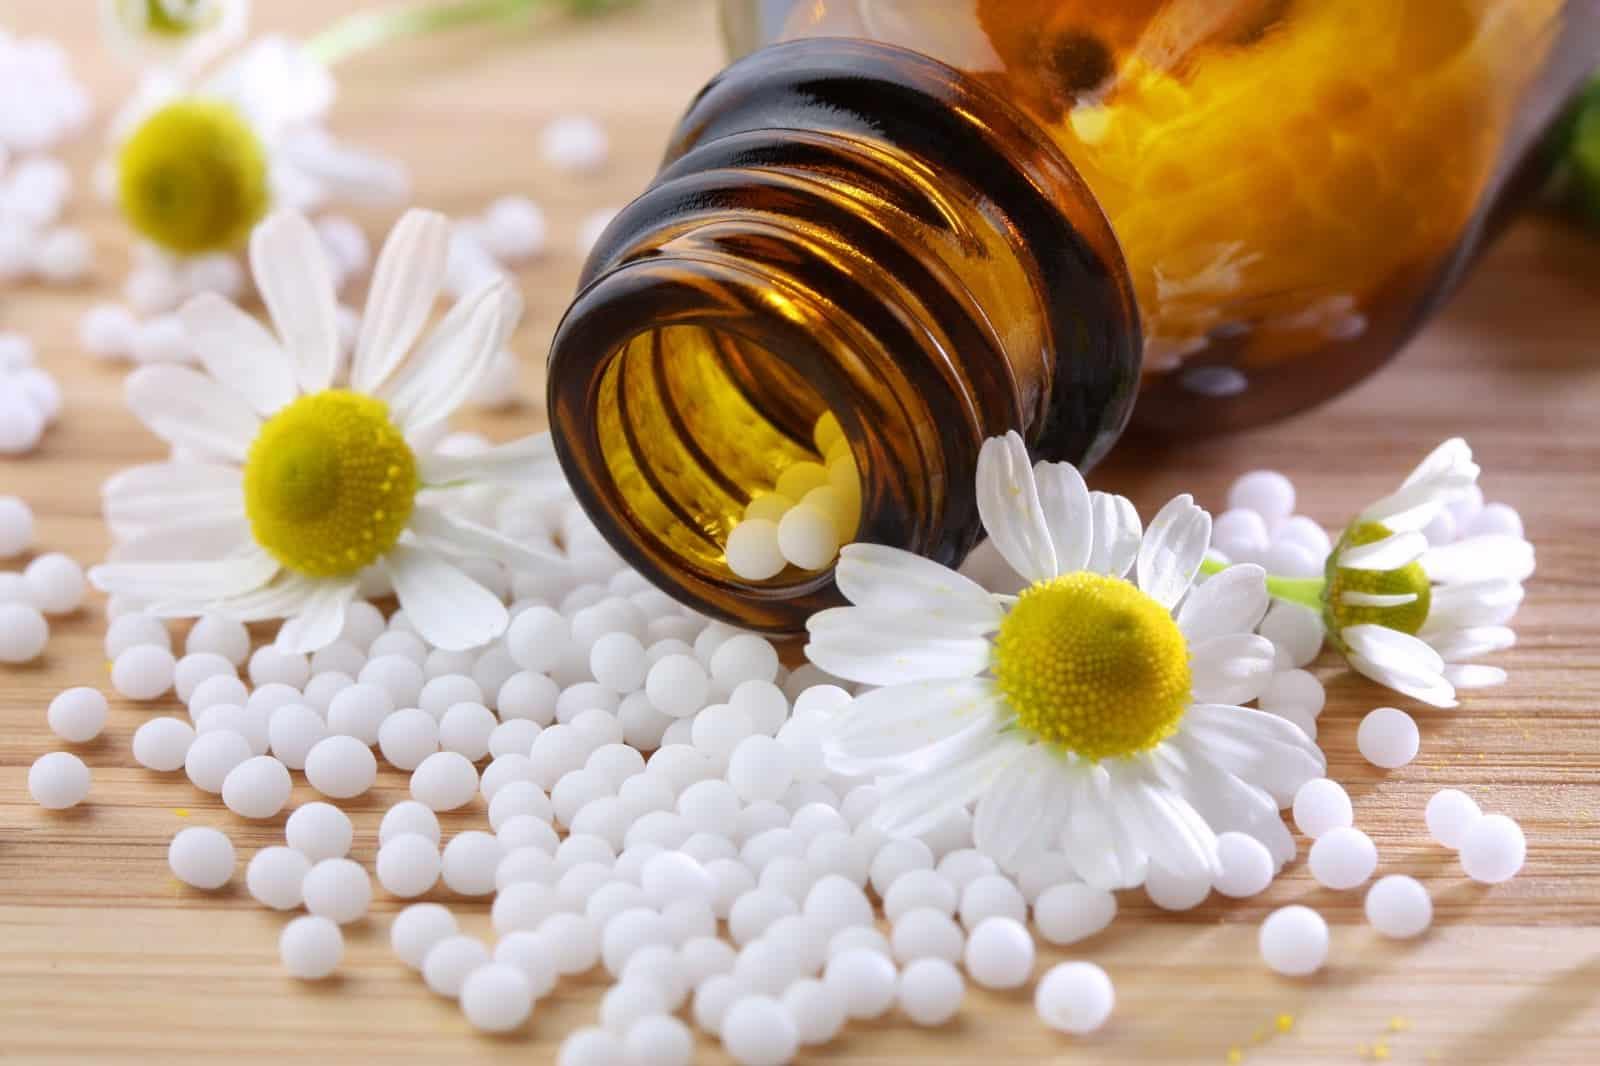 medicina homeopática para el síndrome de dolor pélvico